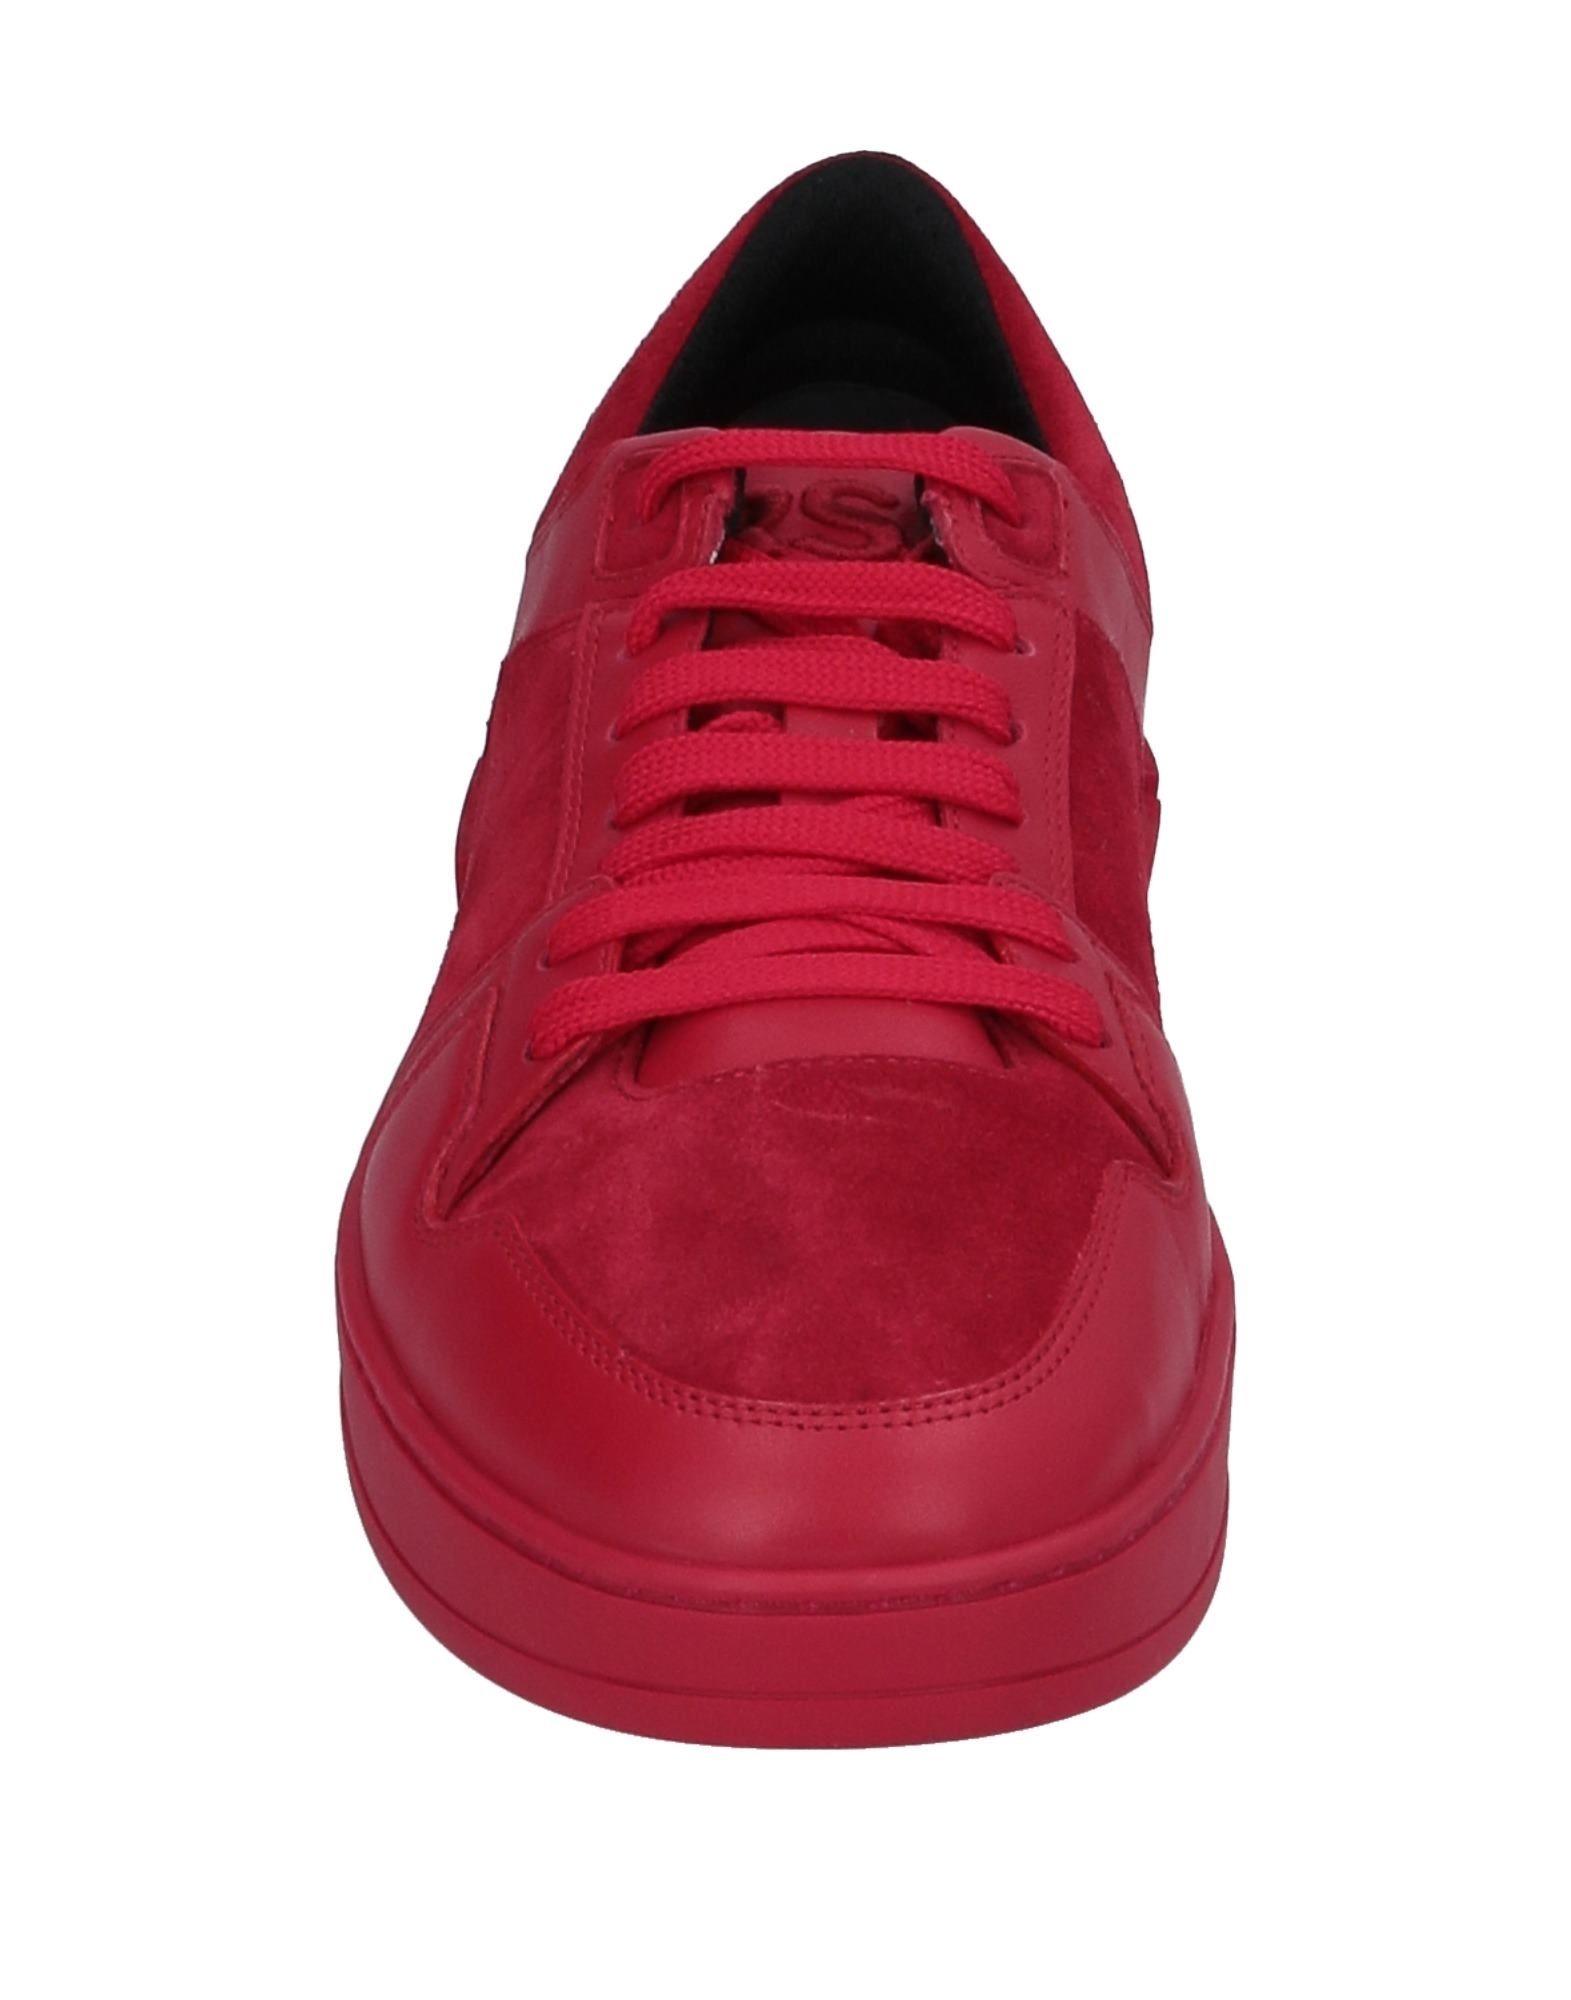 Versace 11532647BG Sneakers Herren  11532647BG Versace Gute Qualität beliebte Schuhe 5cf4a5